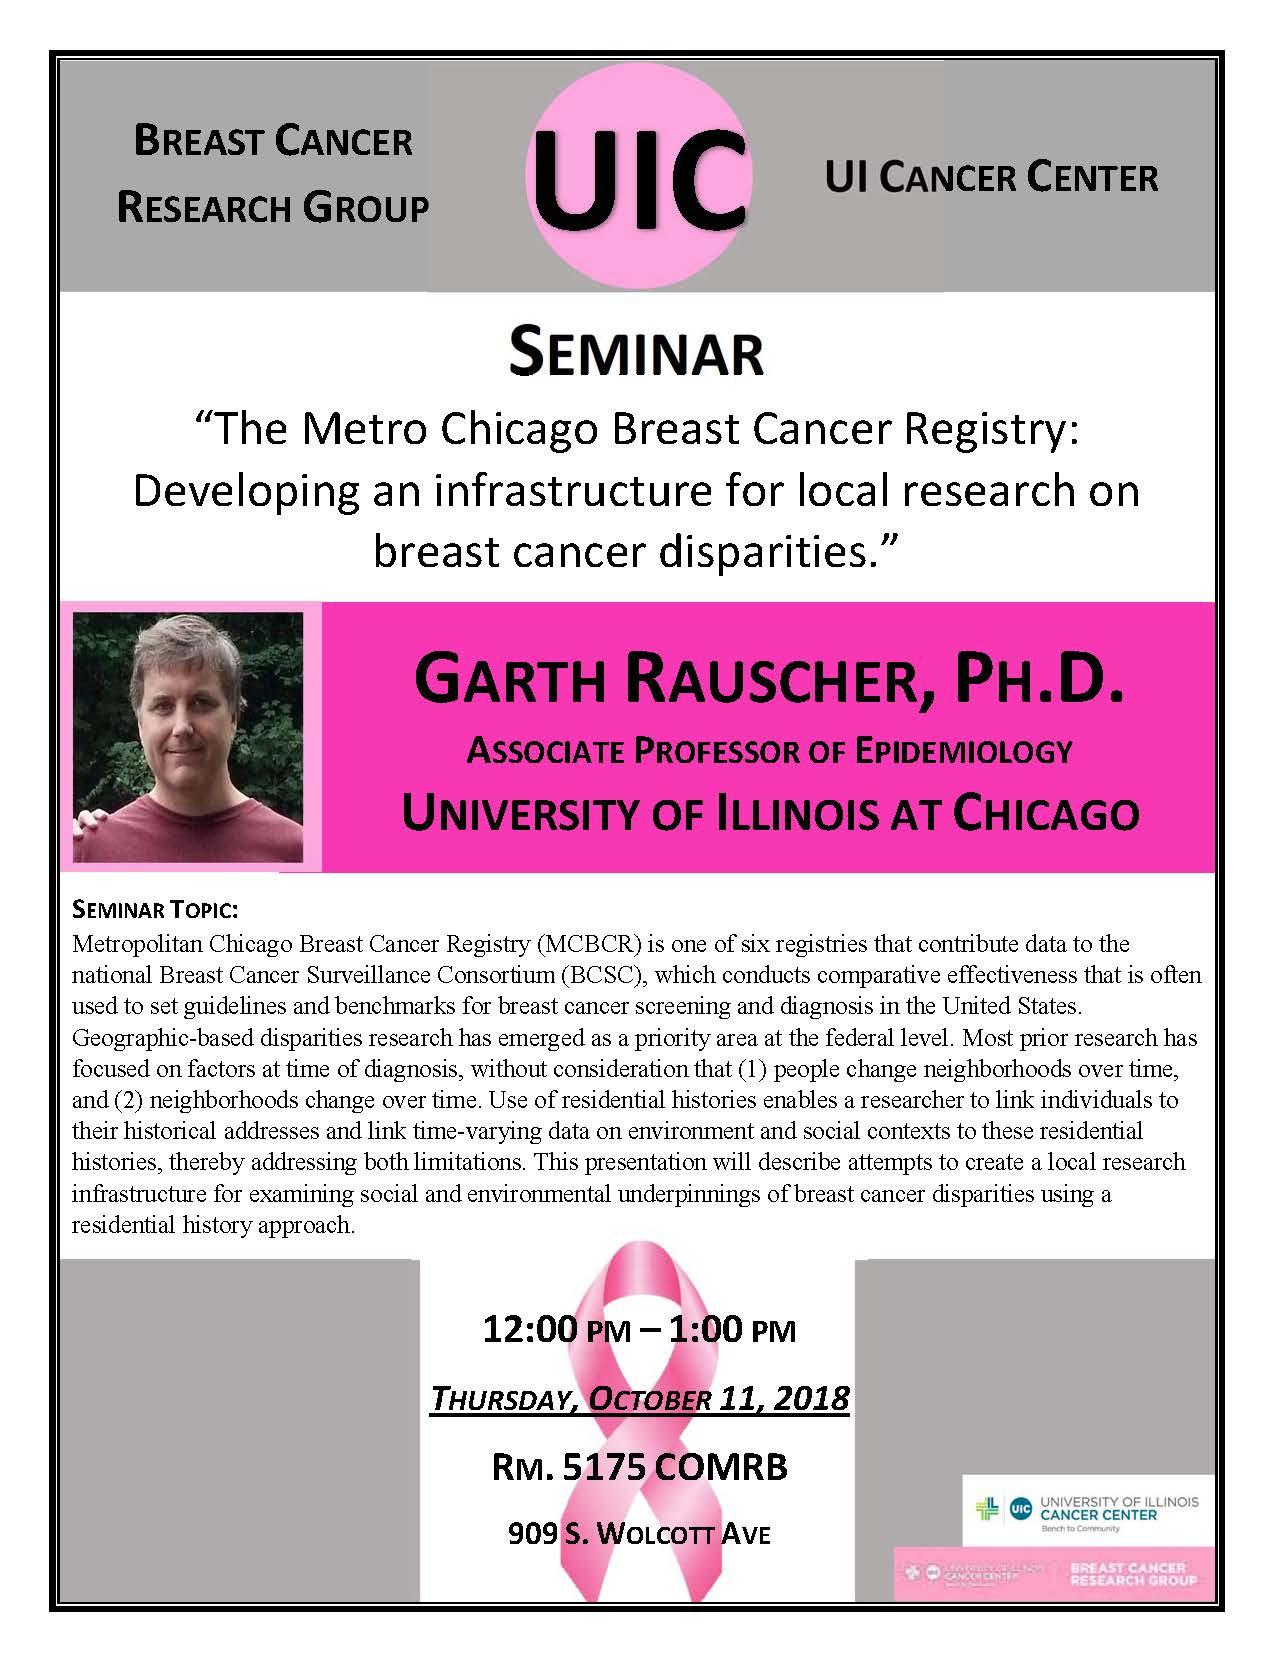 BCRG Seminar Flyer_Rauscher.jpg